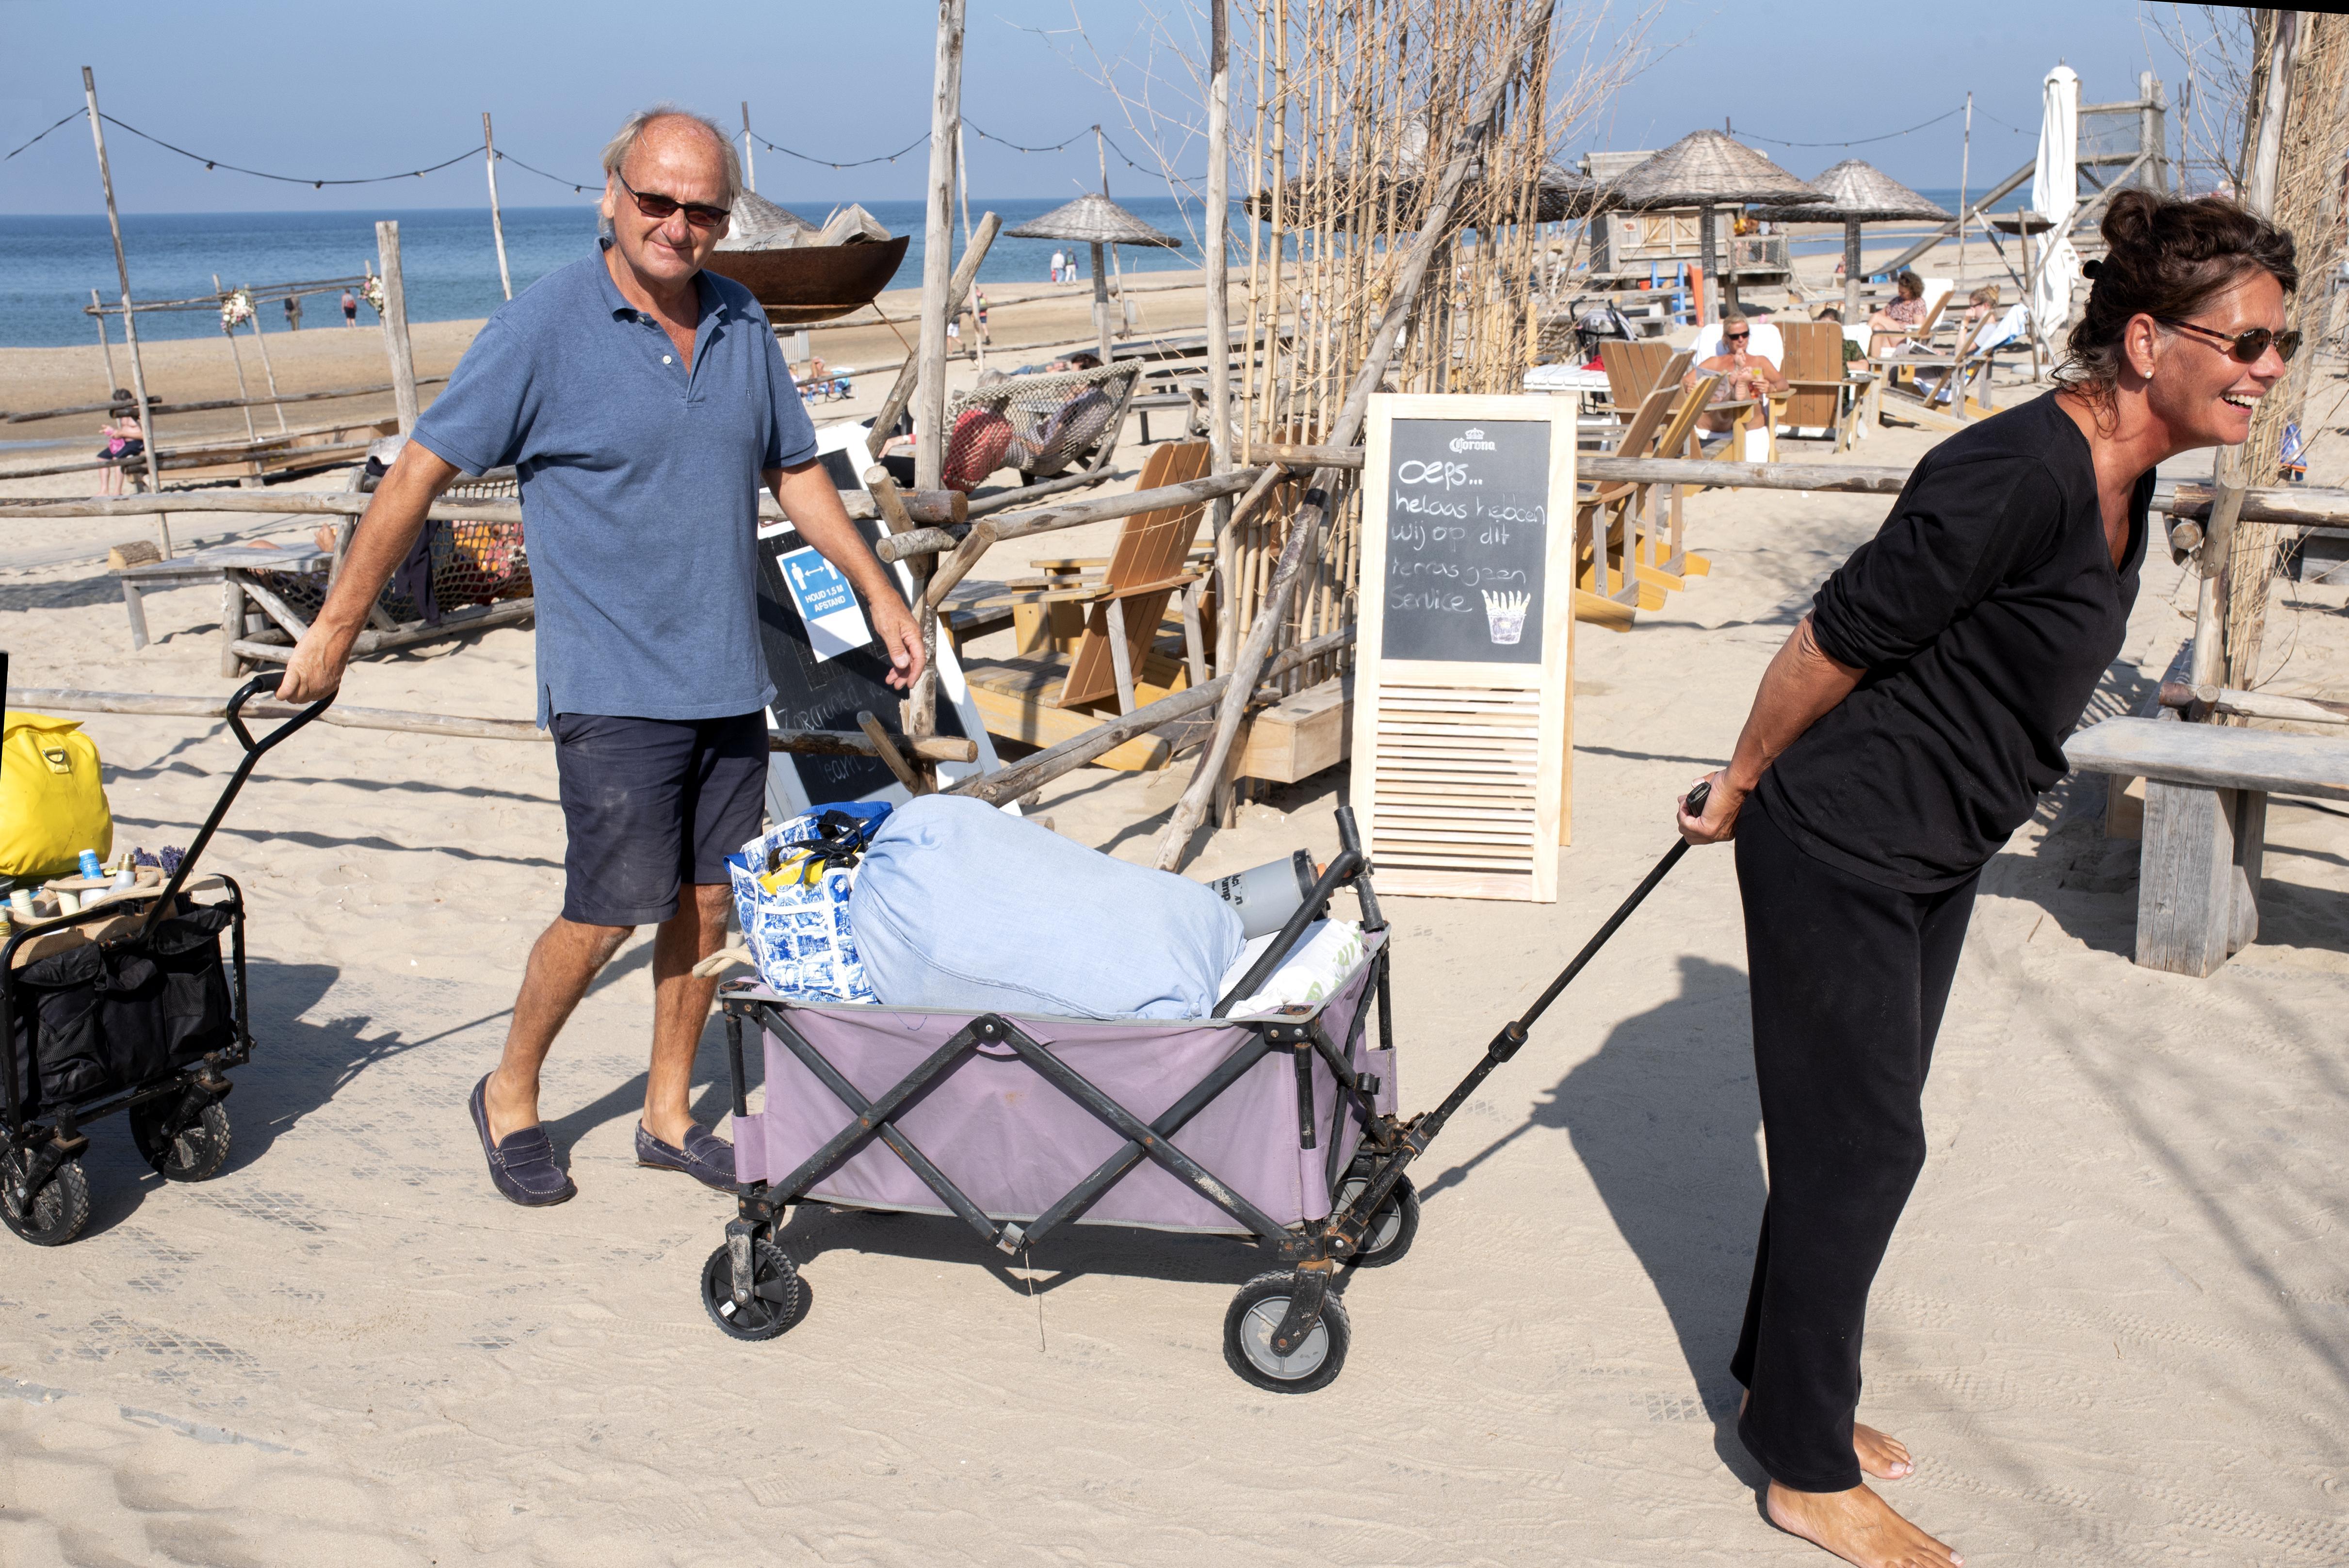 Uitkloppen, vegen en inpakken: aan strand wordt zomer opgeruimd